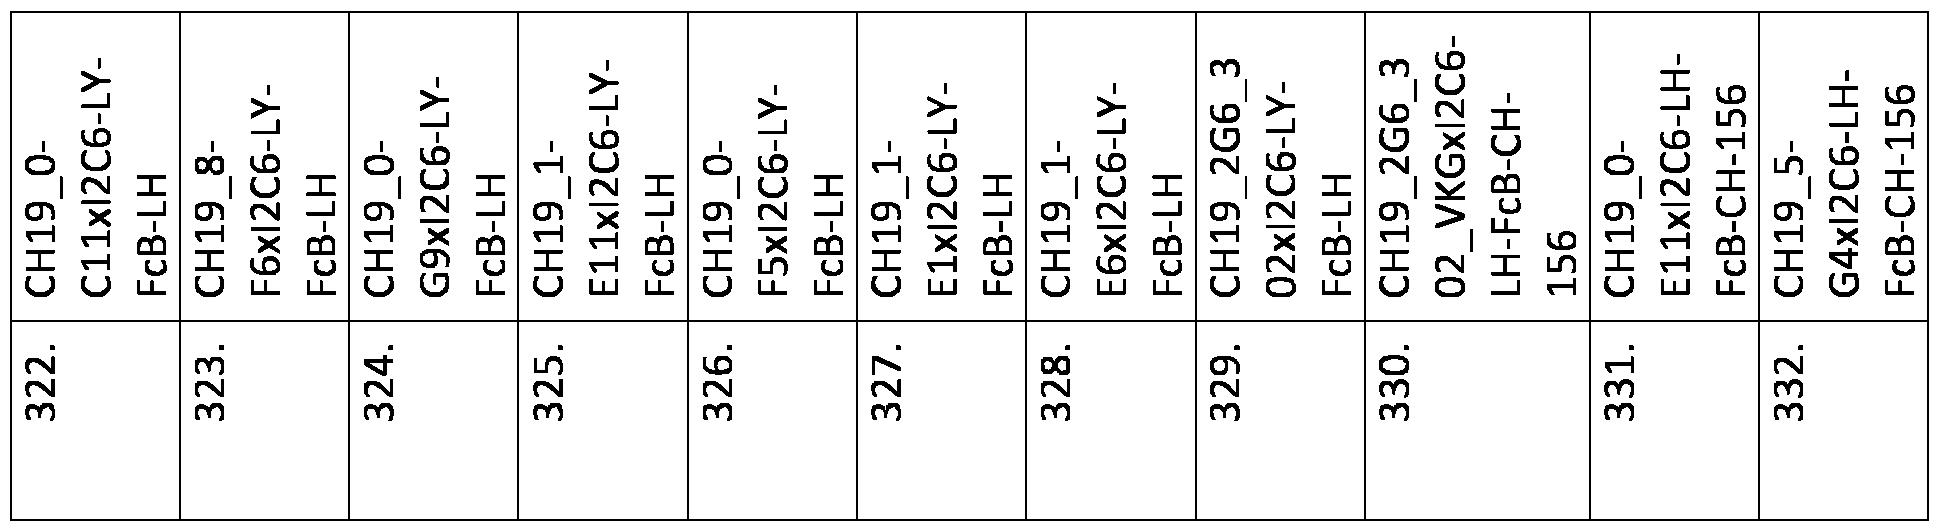 Figure imgf000096_0003